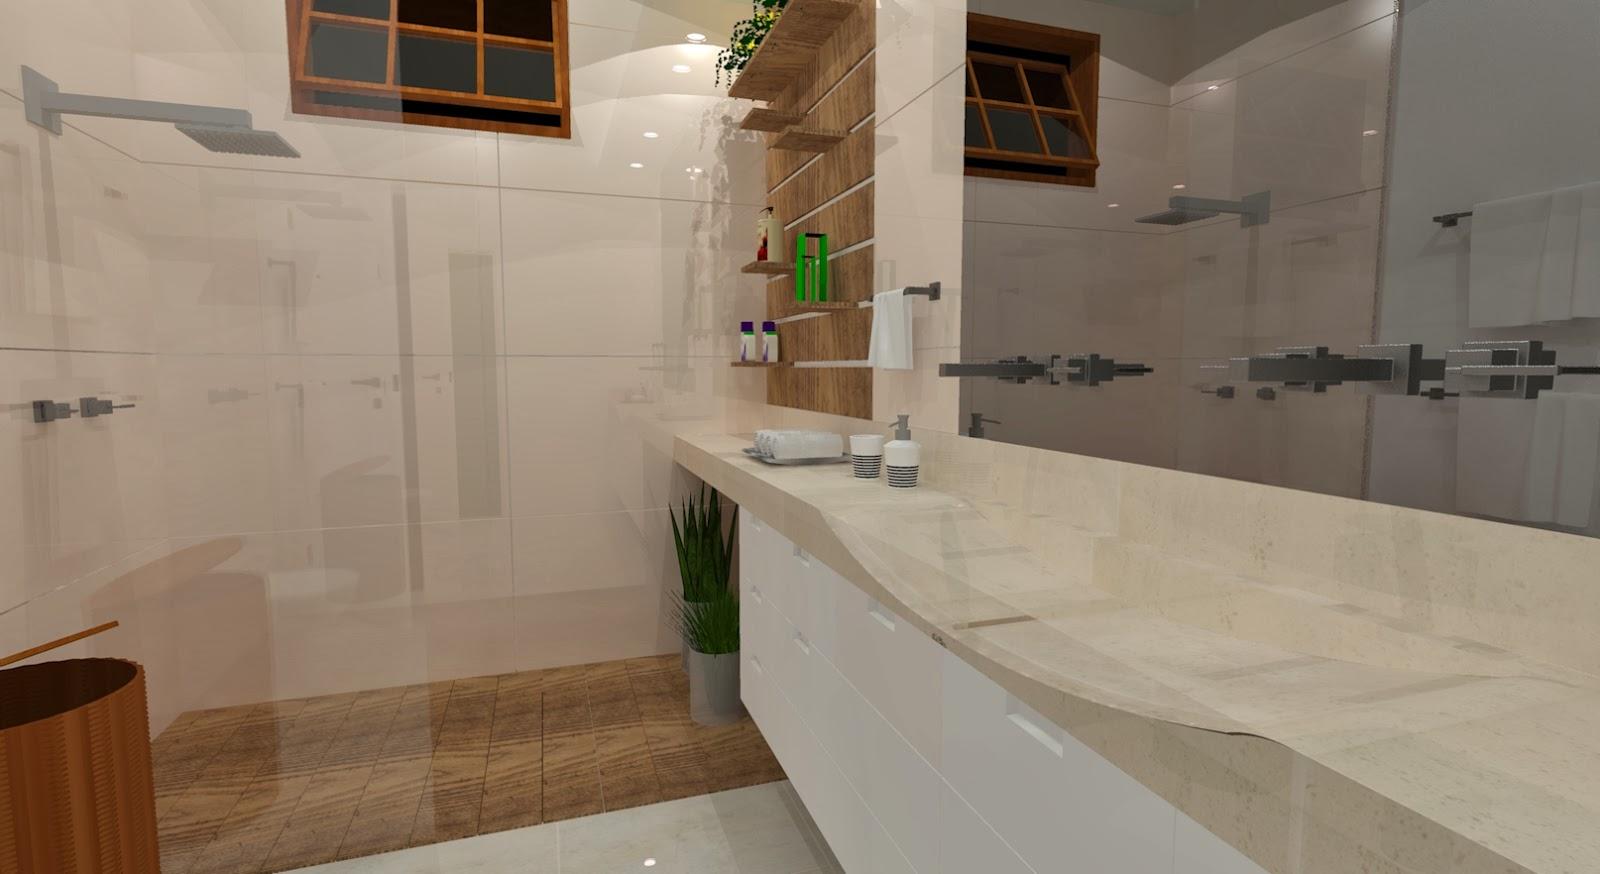 Projeto de reforma de banheiro lily fontana